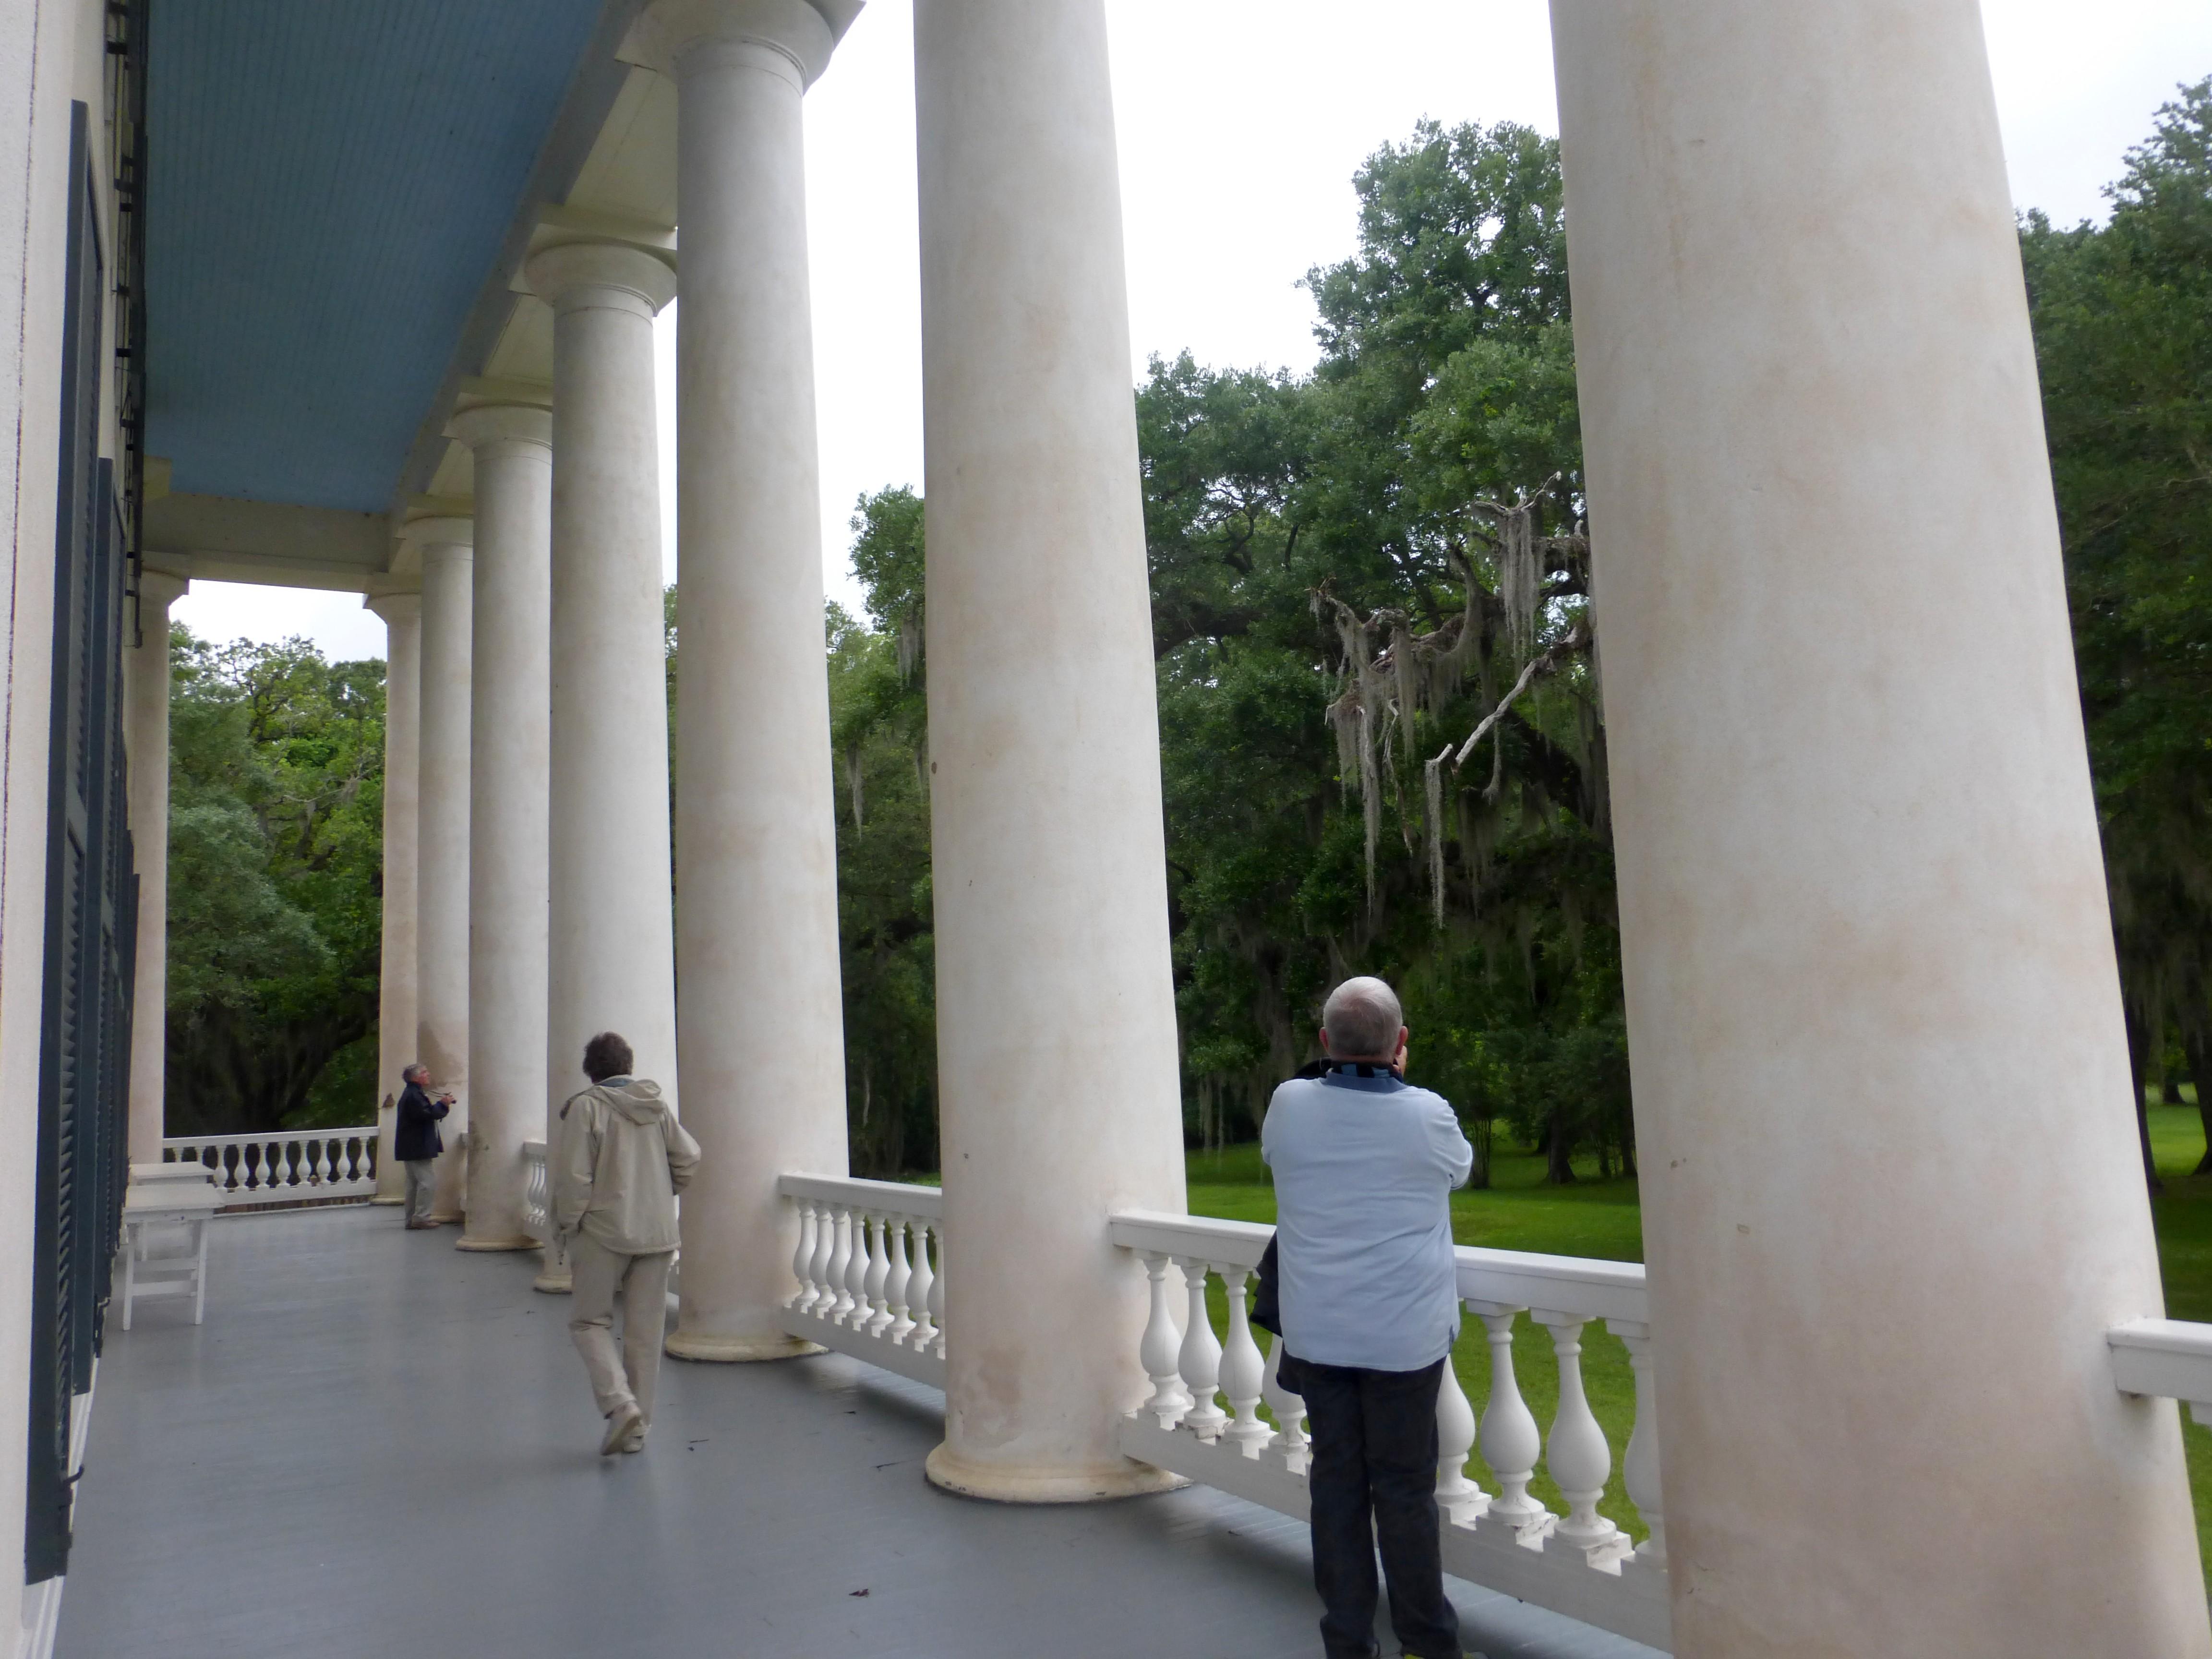 Plantation greenwood, les colonnes